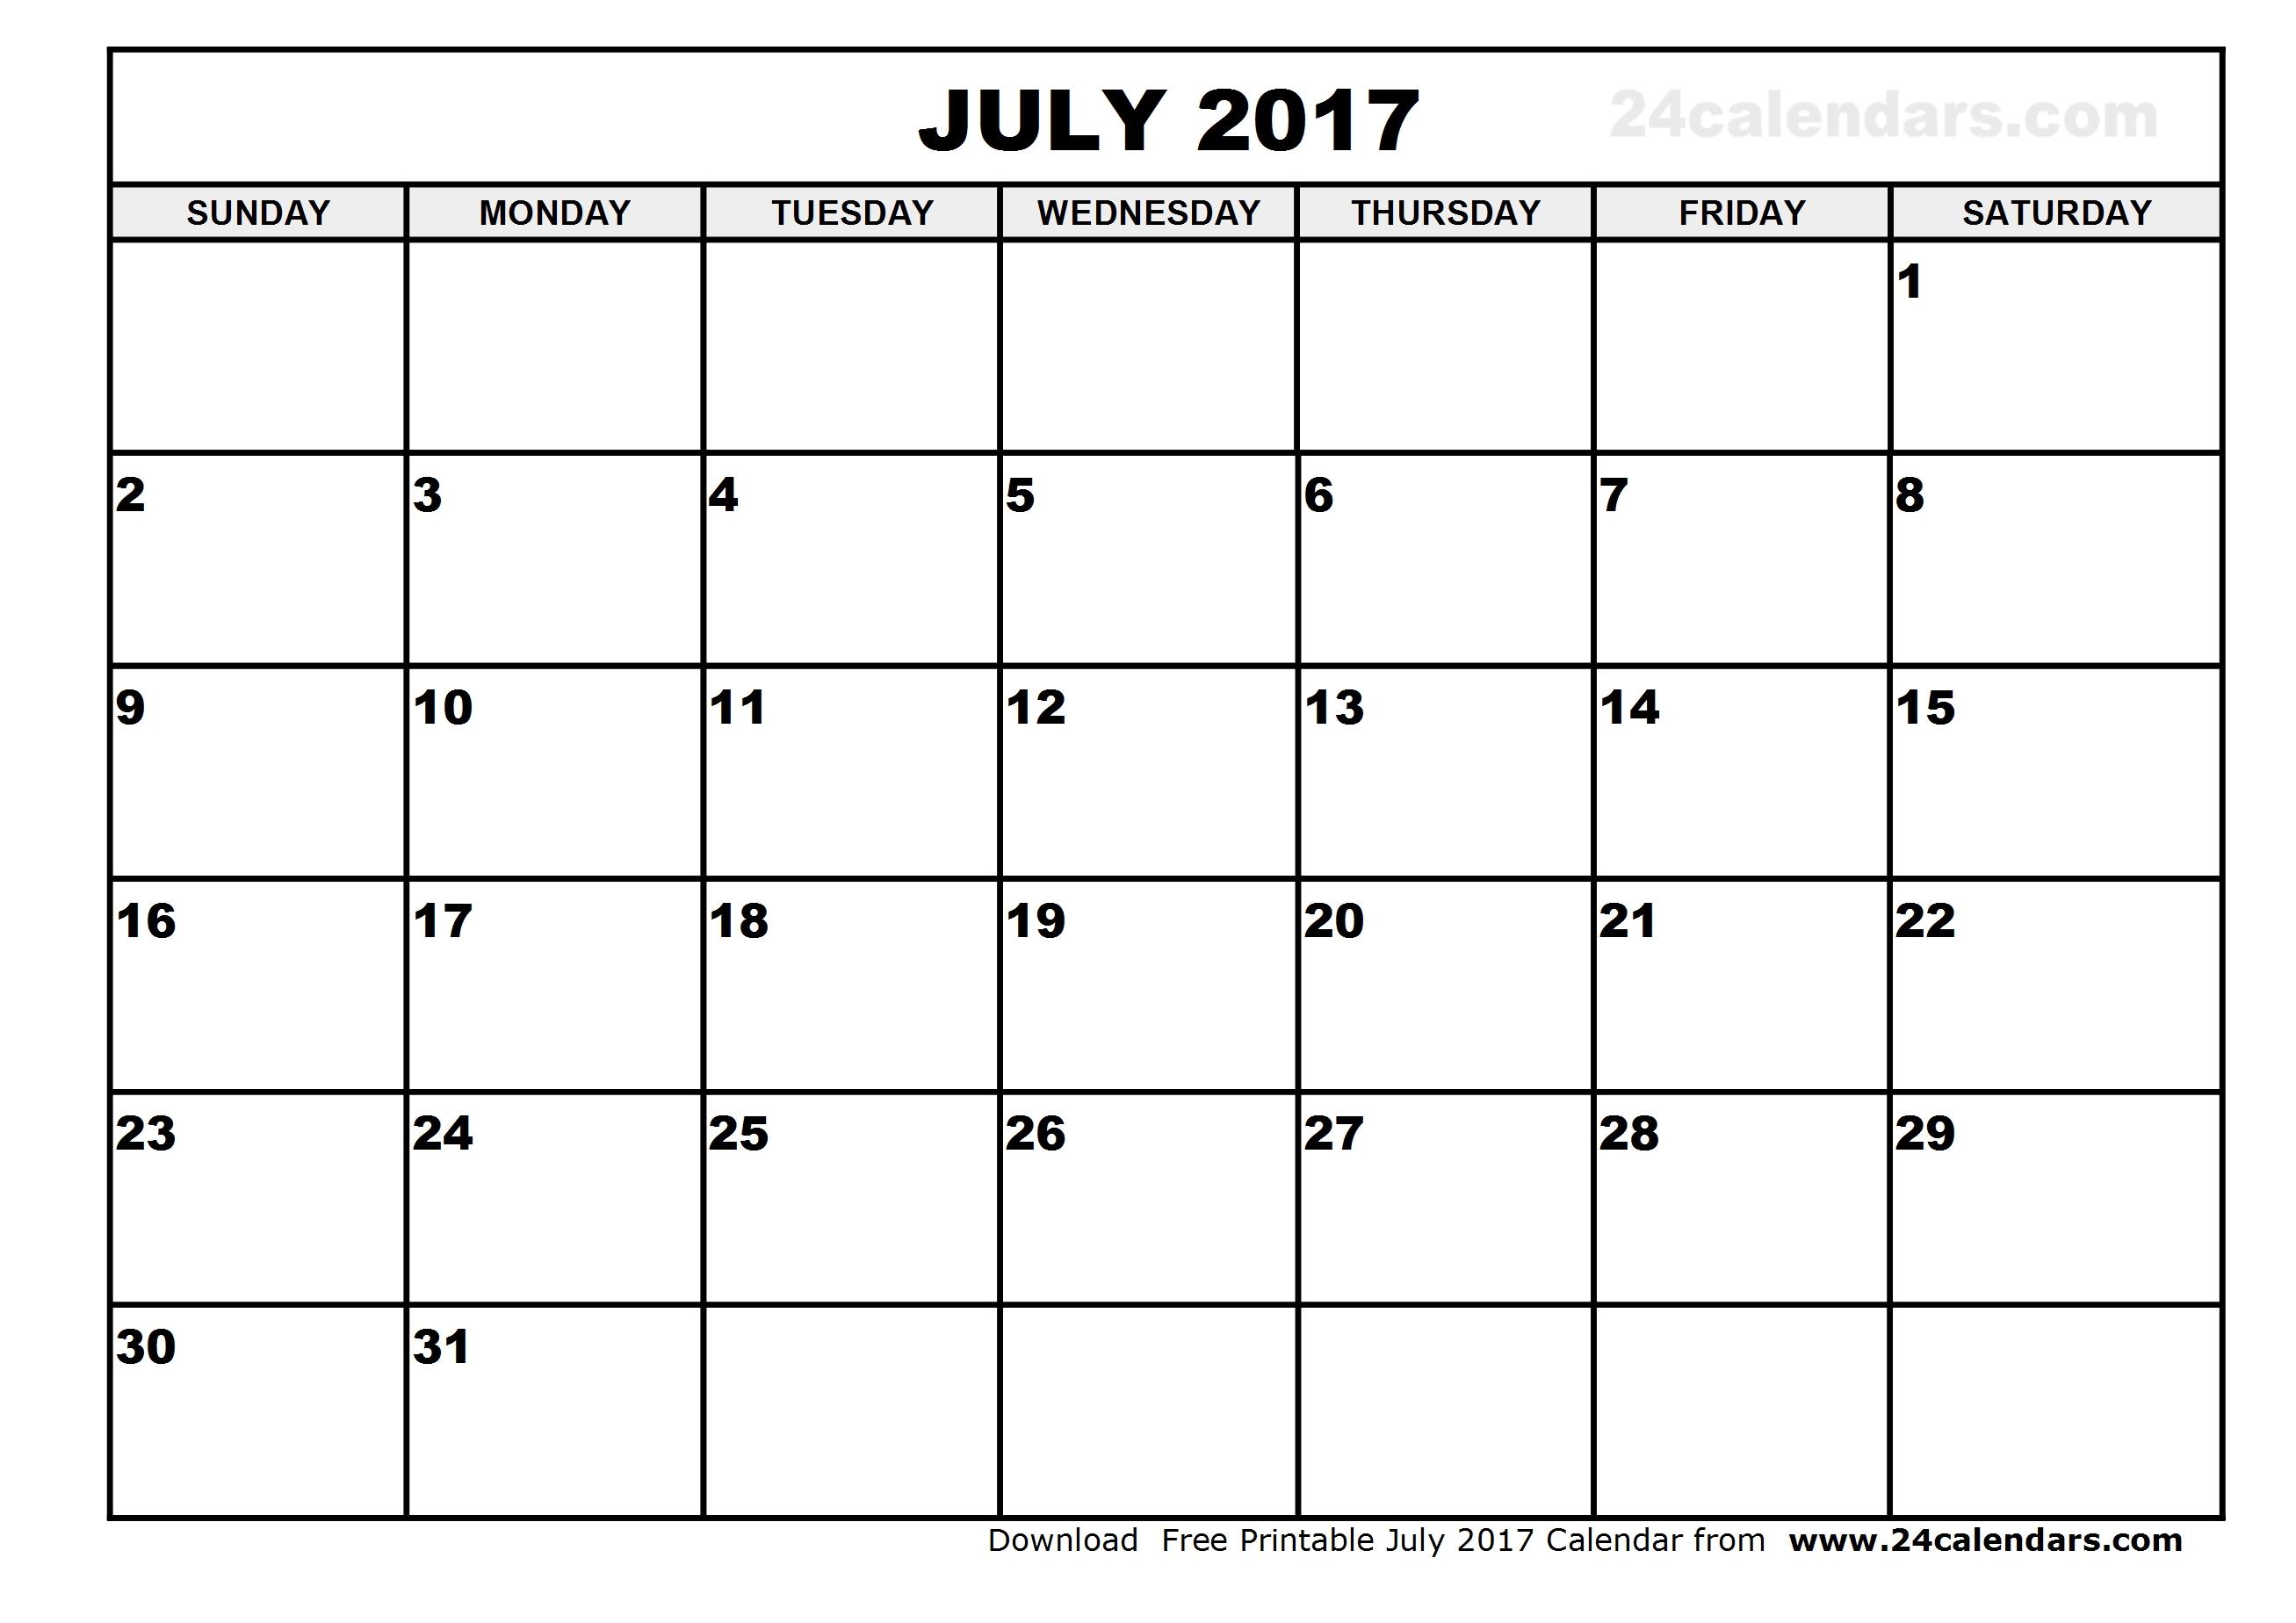 July 2017 Calendar Template | weekly calendar template